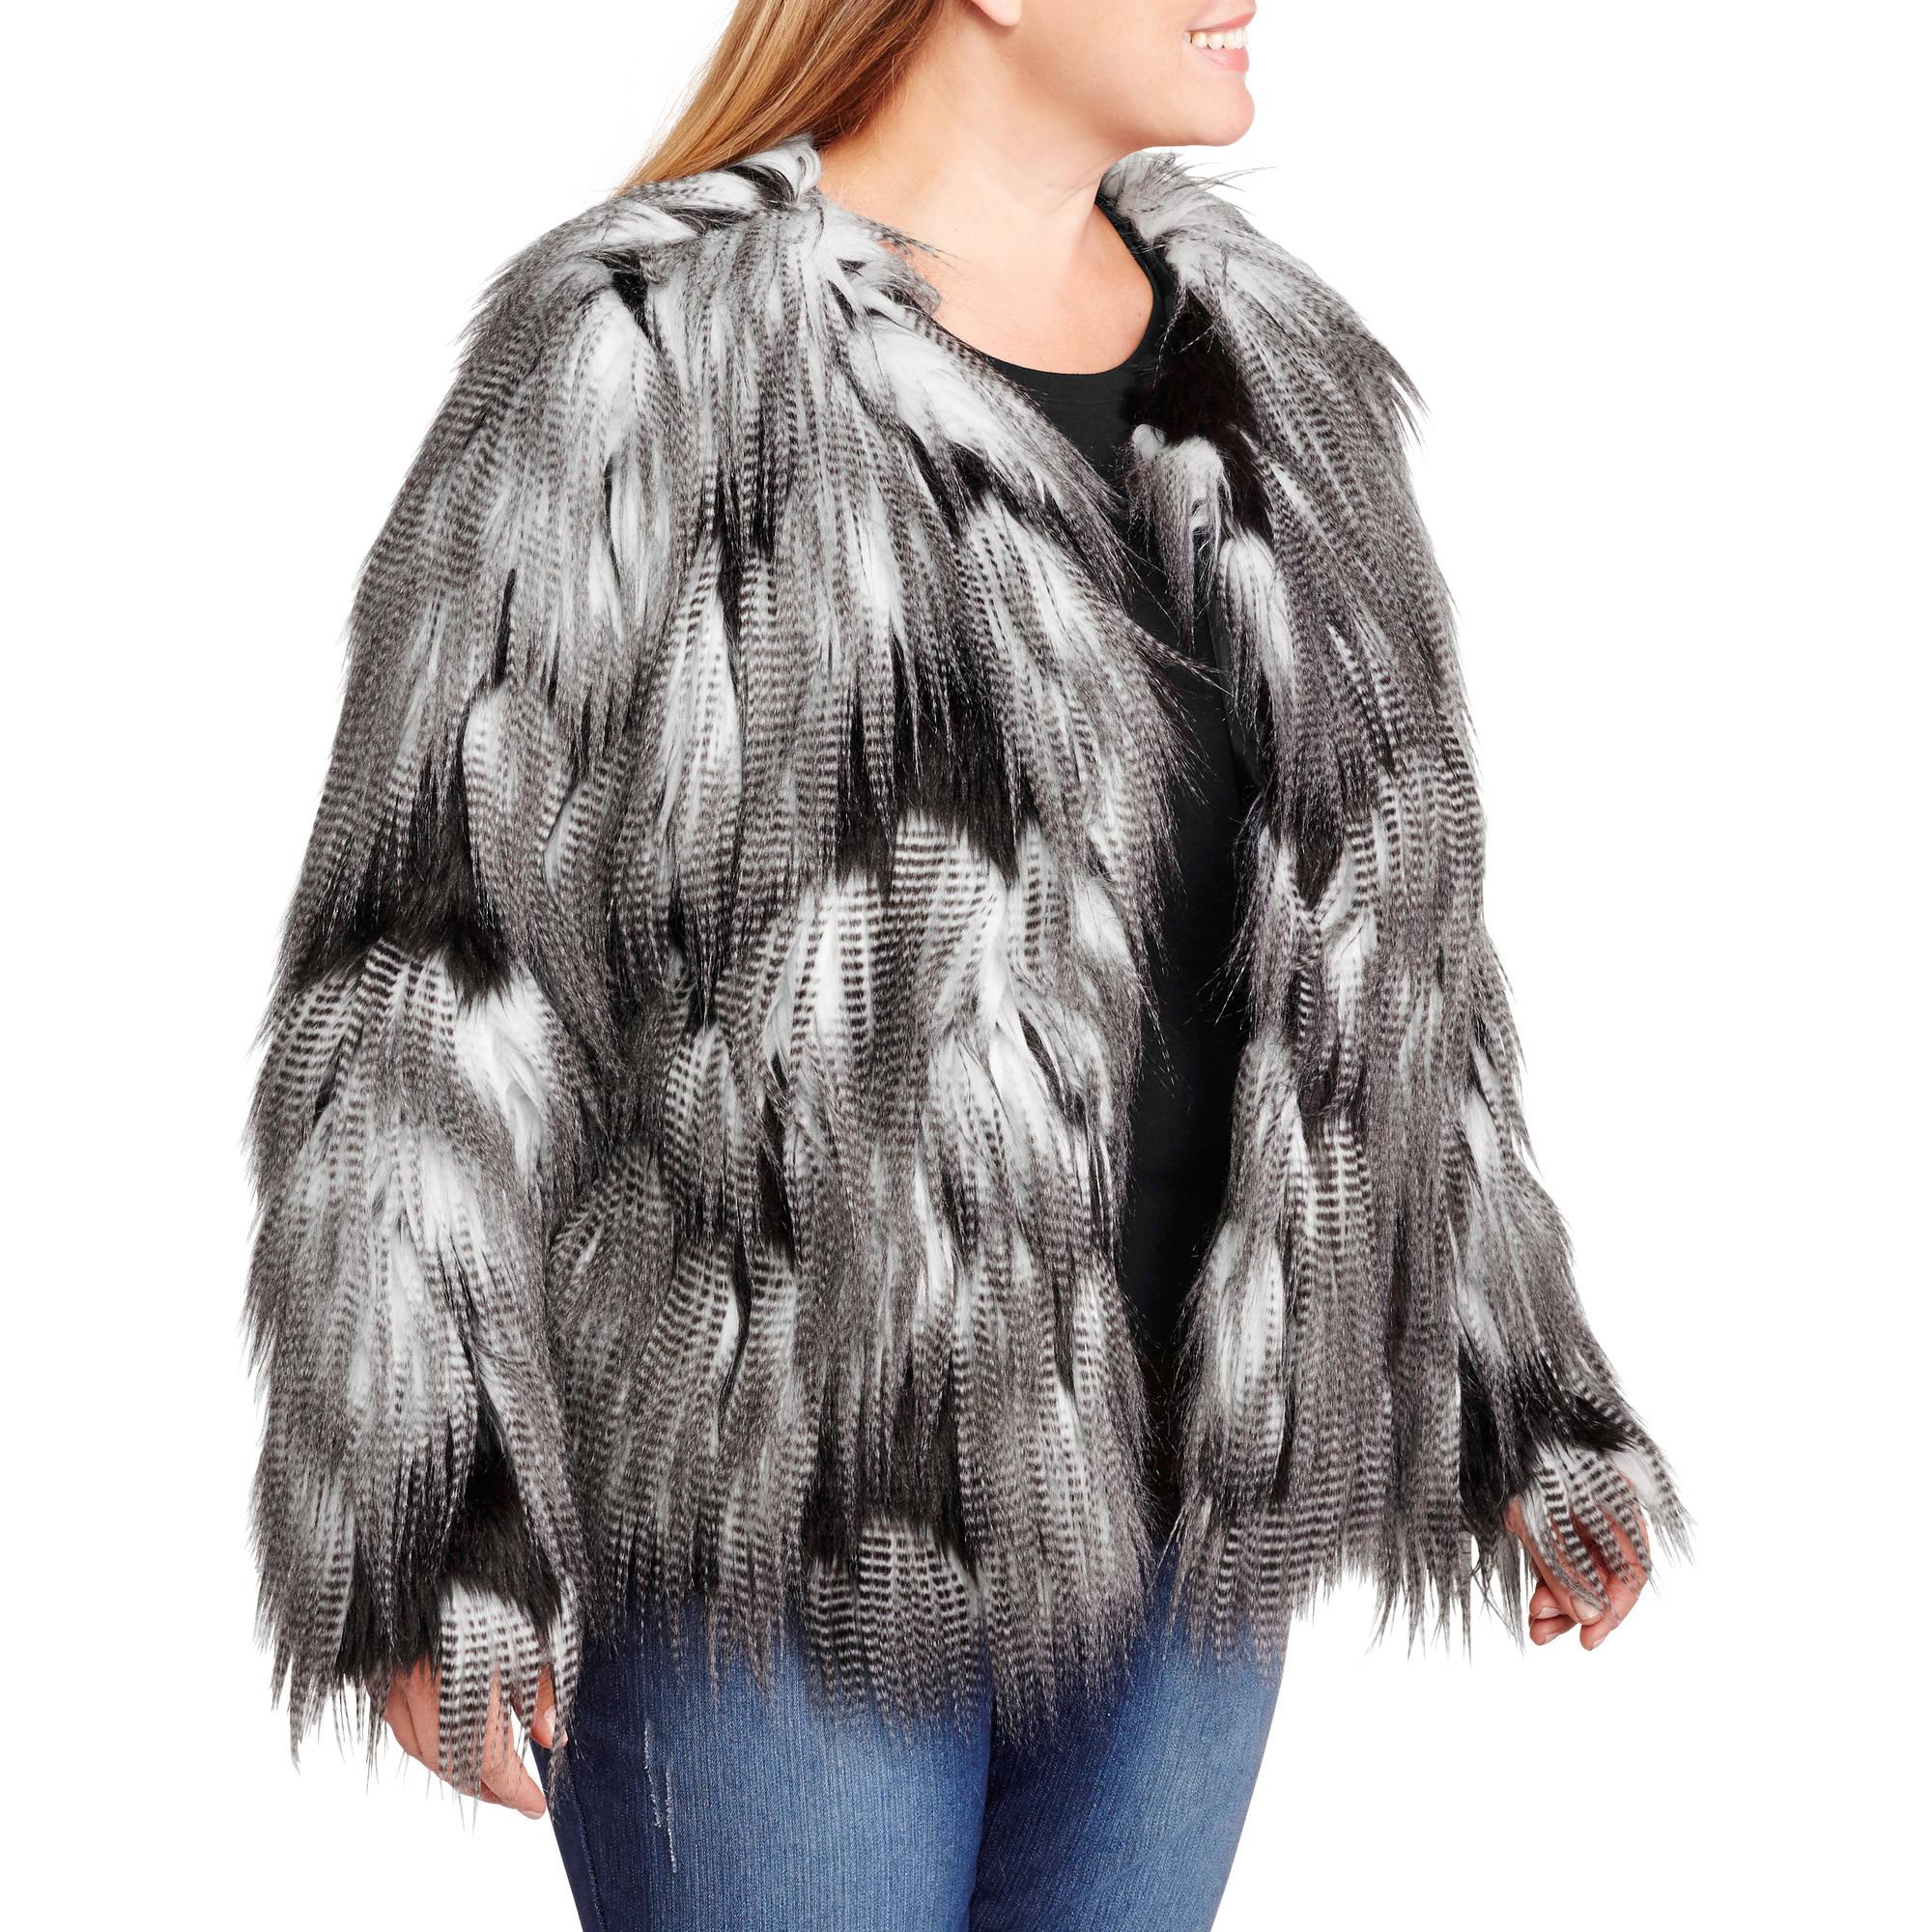 7bfd28796f4e7 Women s Plus-Size Black   Grey Cropped Faux Fur Jacket - Walmart.com